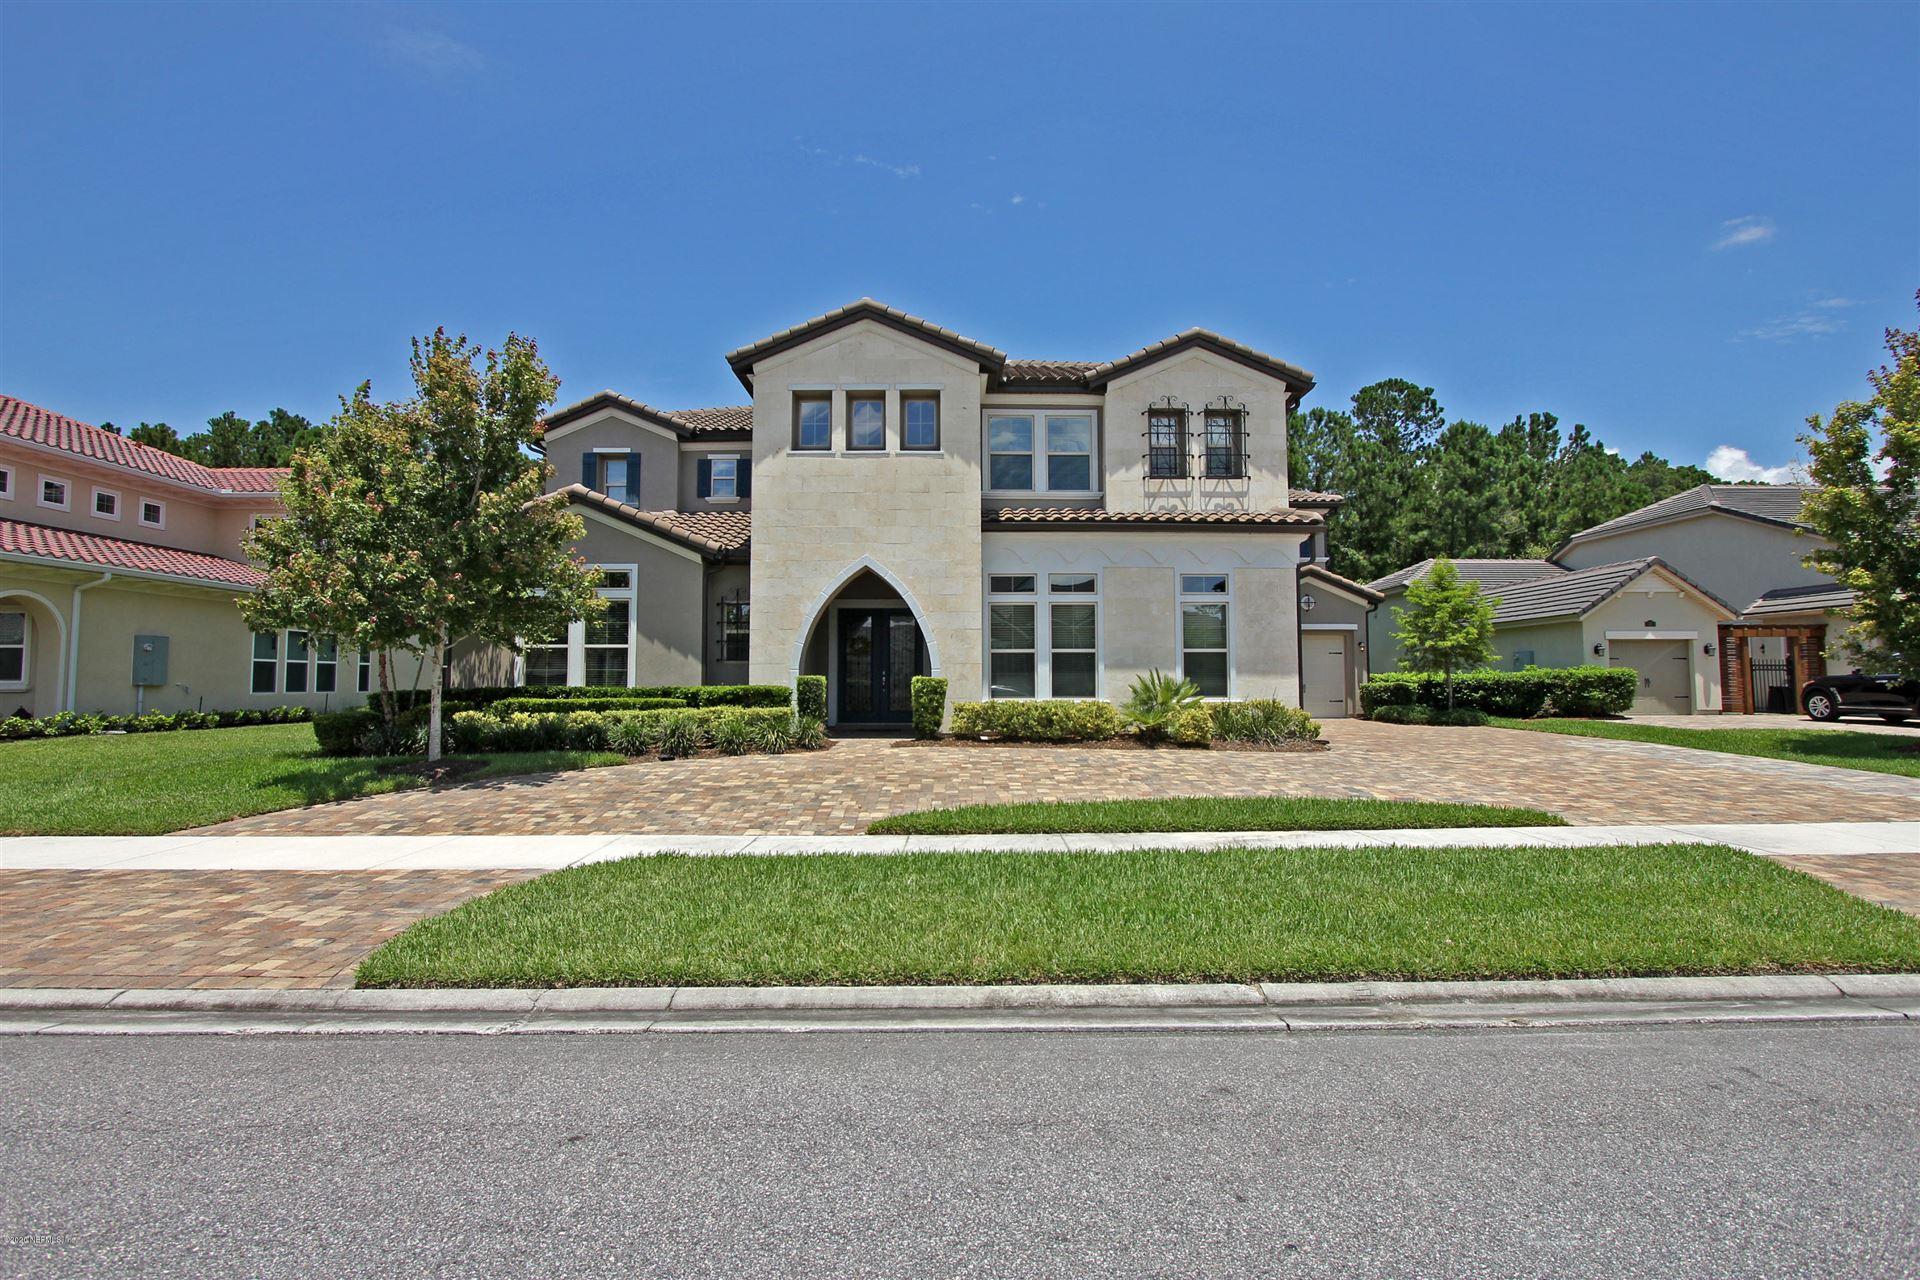 64 SITARA LN, Saint Johns, FL 32259 - MLS#: 1063232